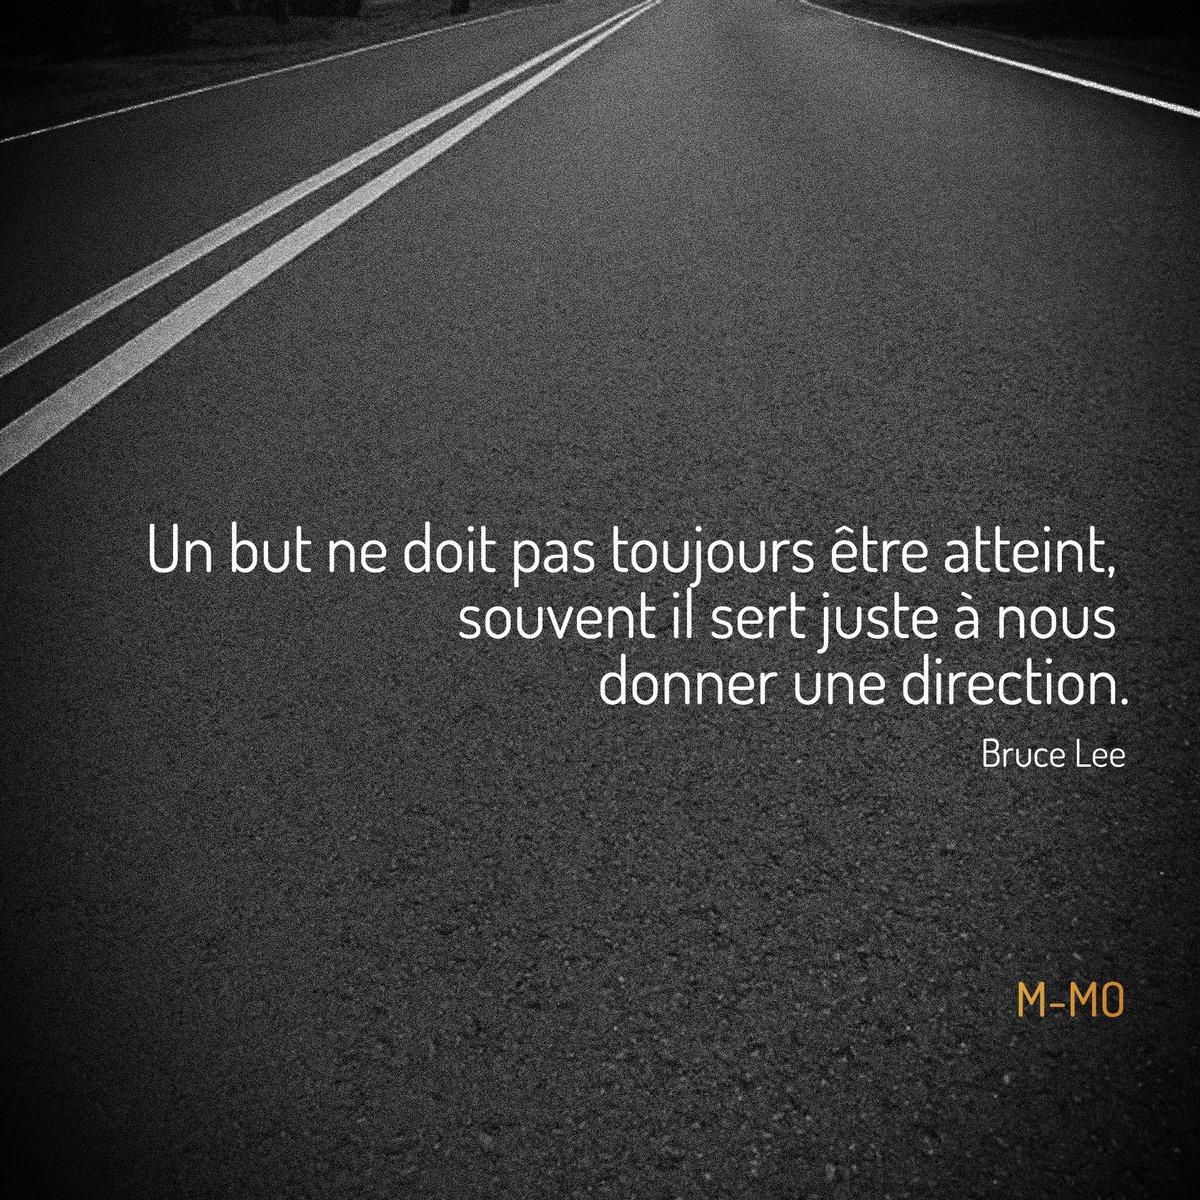 Trouve ta direction!  #citation #citationdujour #objectif #brucelee #reussite #succes #chemin #direction #fonce #vasy #go #texte<br>http://pic.twitter.com/pN1tRtED56